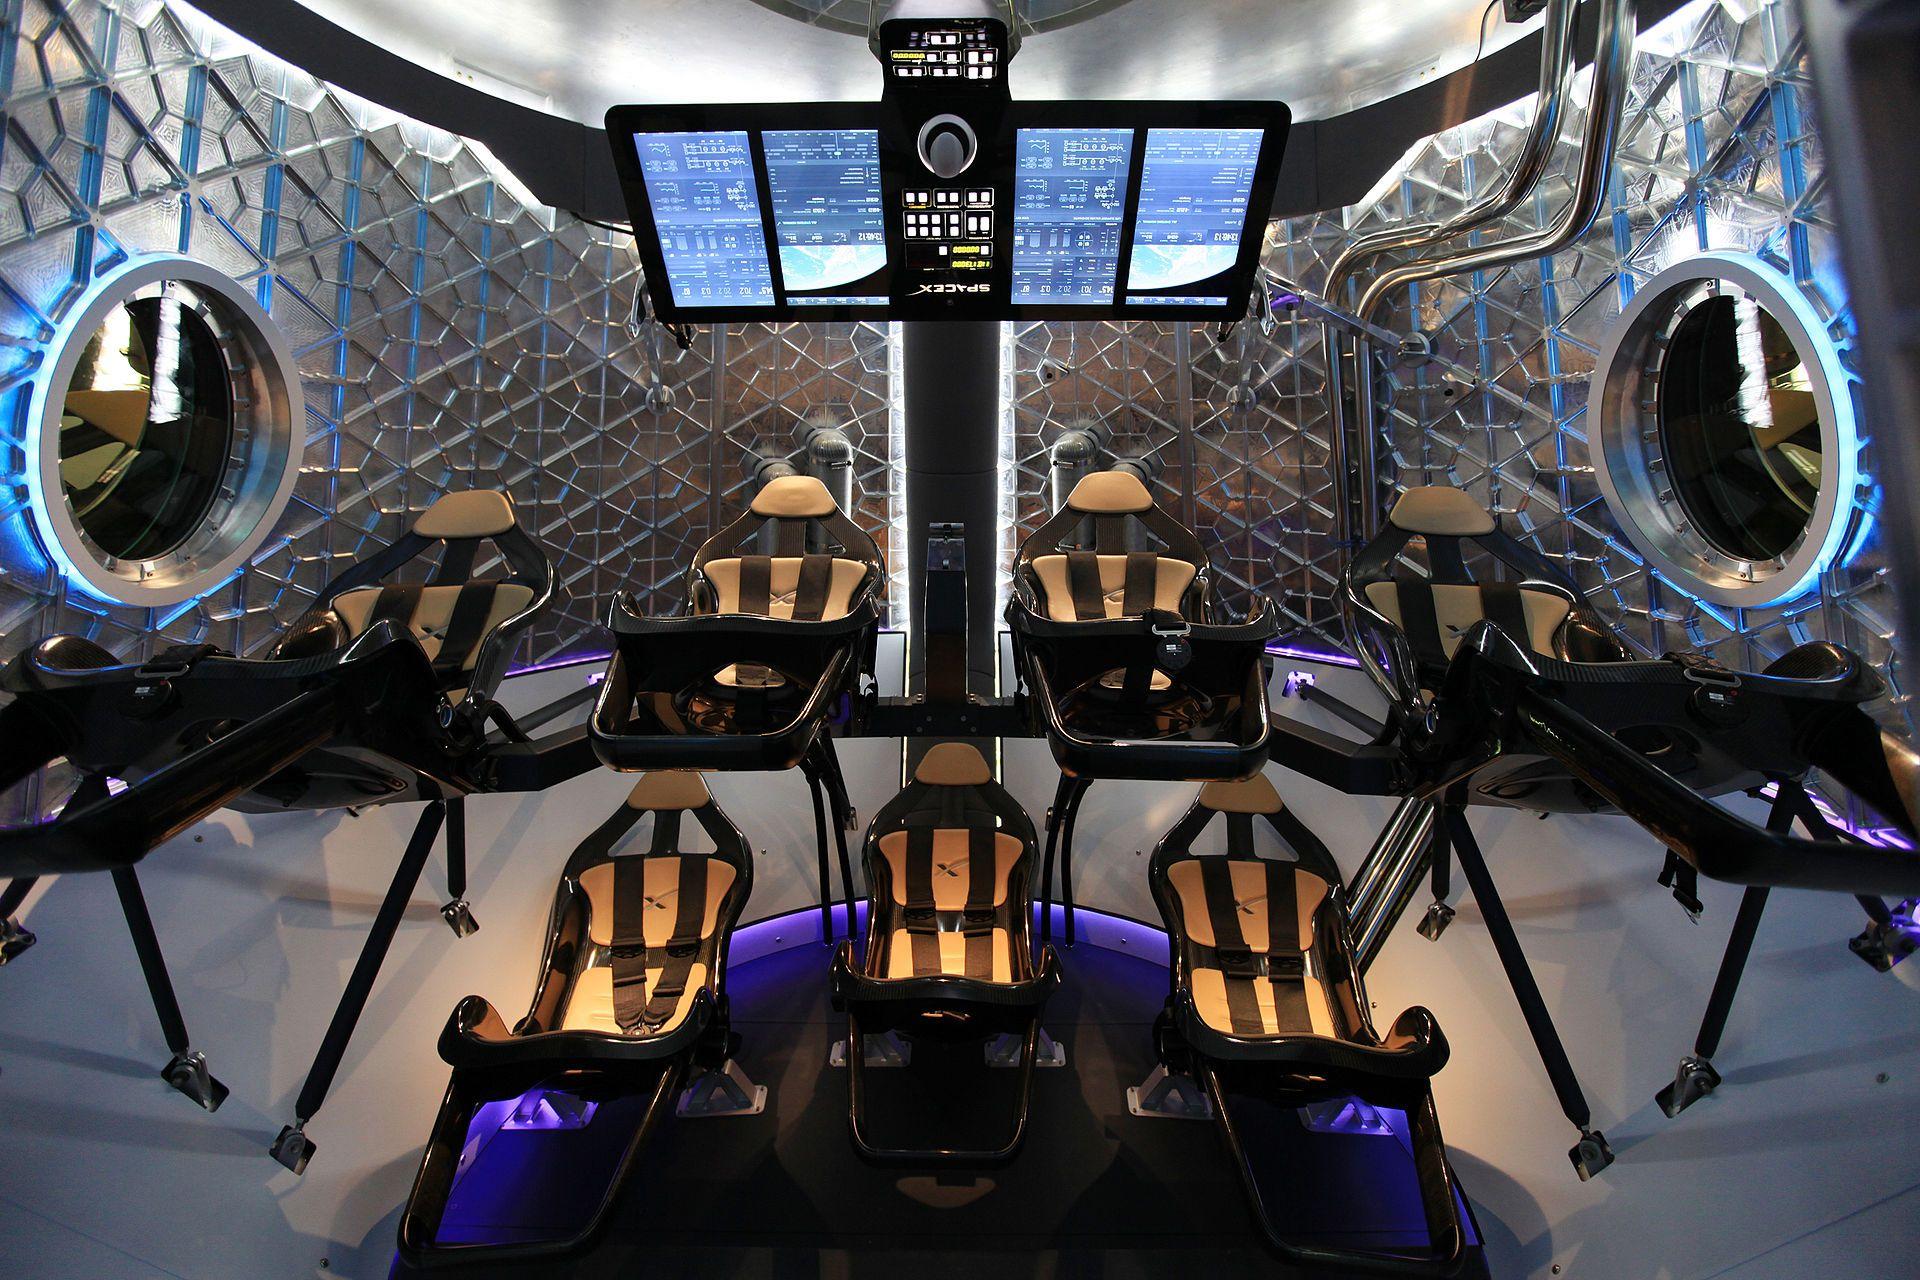 Dragon V2 Interior 2 Dragon Spacecraft Wikipedia The Free